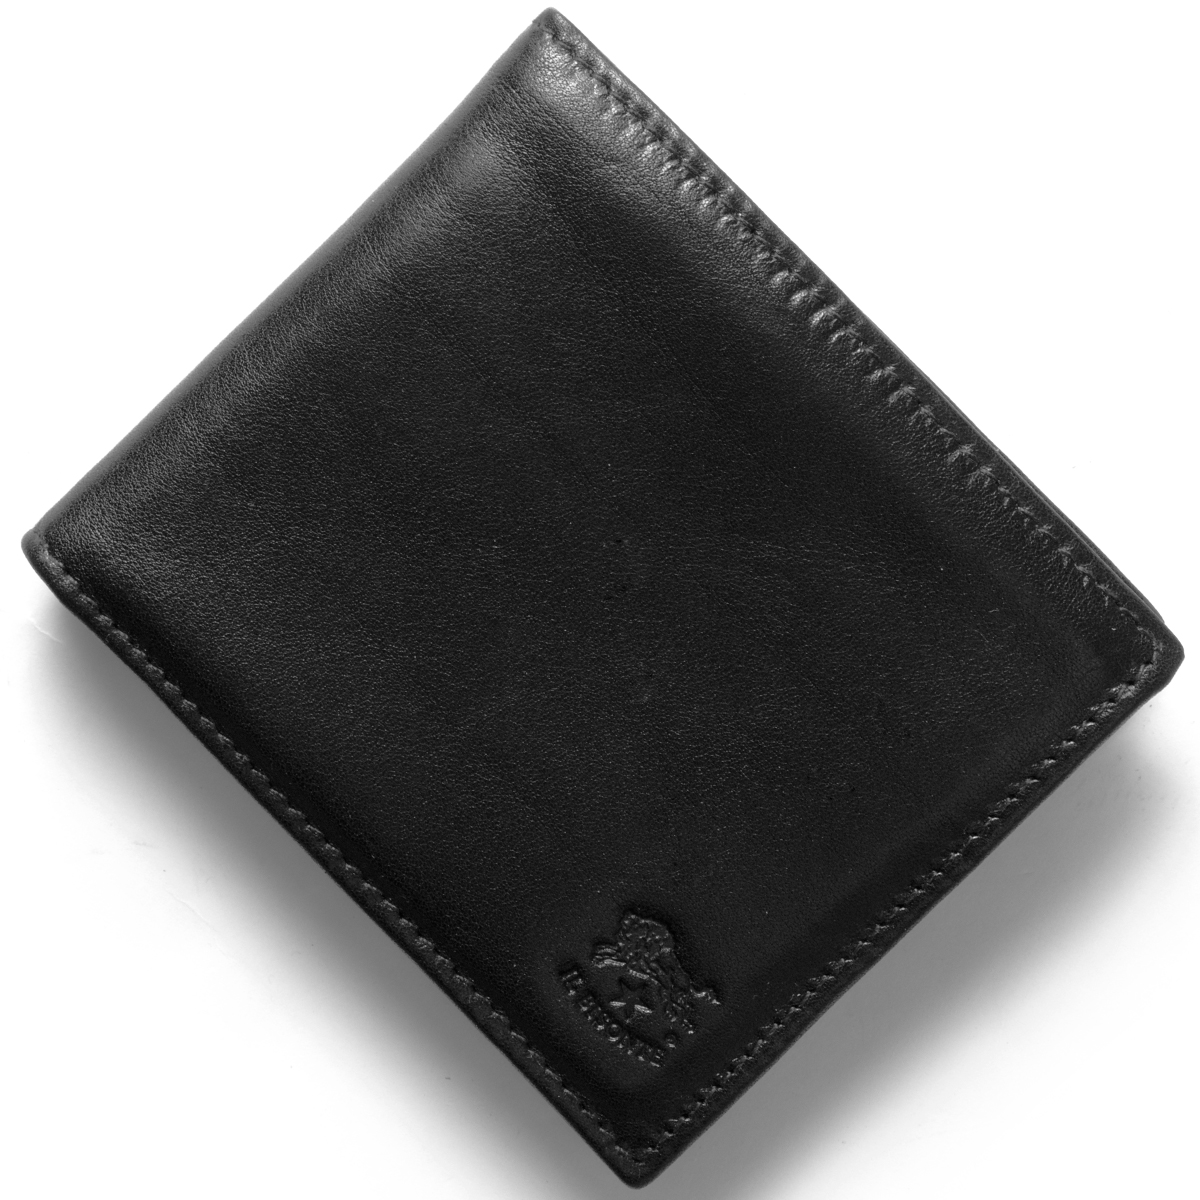 イルビゾンテ 二つ折り財布 財布 メンズ レディース スタンダード 【STANDARD】 ブラック C0817 P 153 IL BISONTE